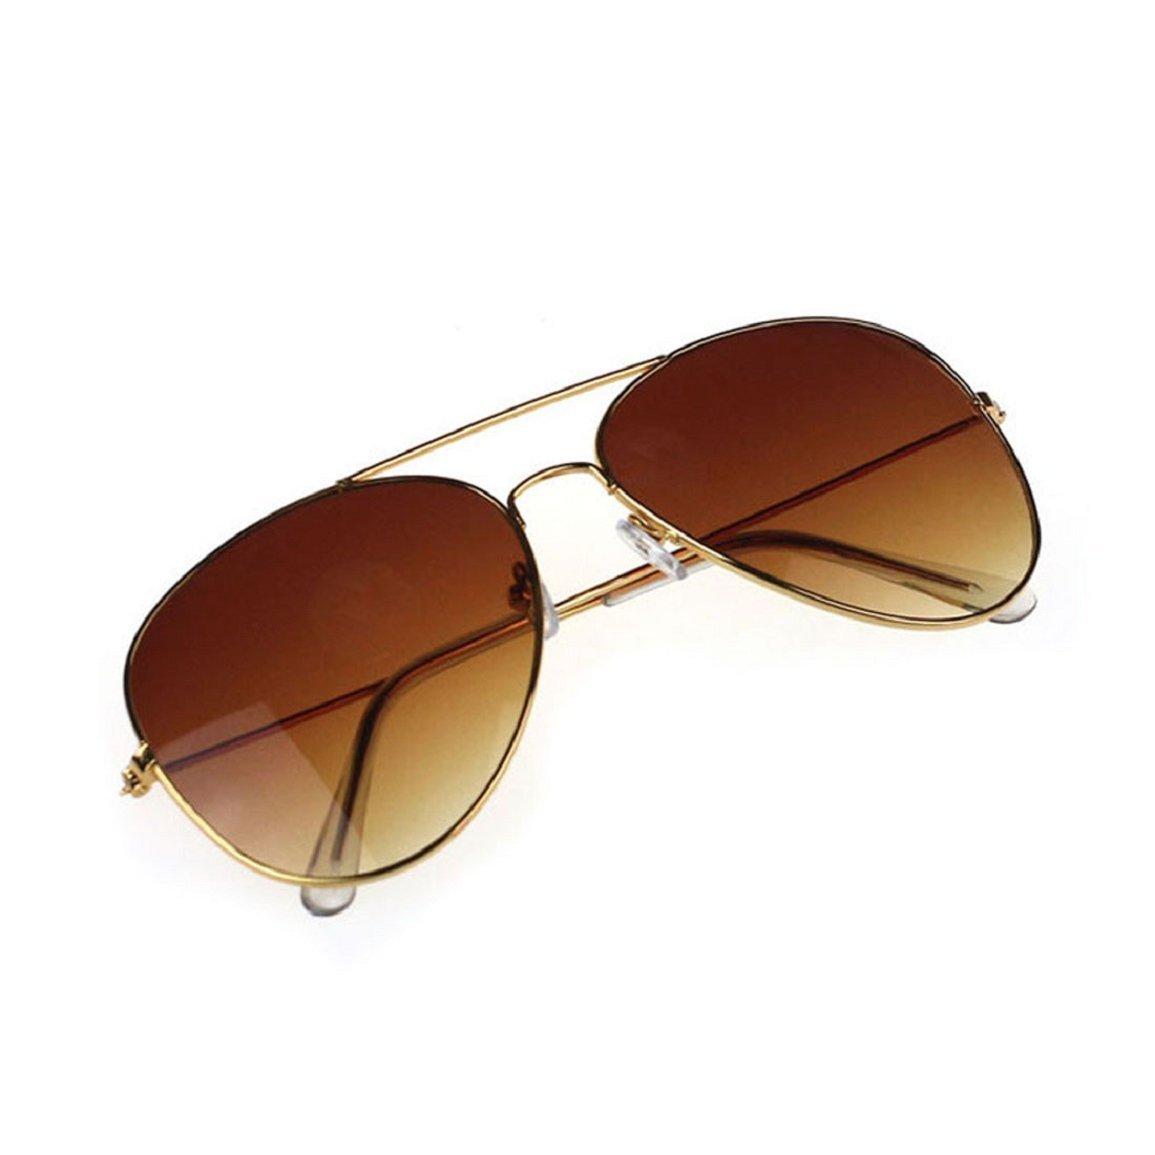 Culater® Unisex Men Women Classic Aviator Metal Designer Sunglasses + Case (Brown) Culater® Culater®-GU517